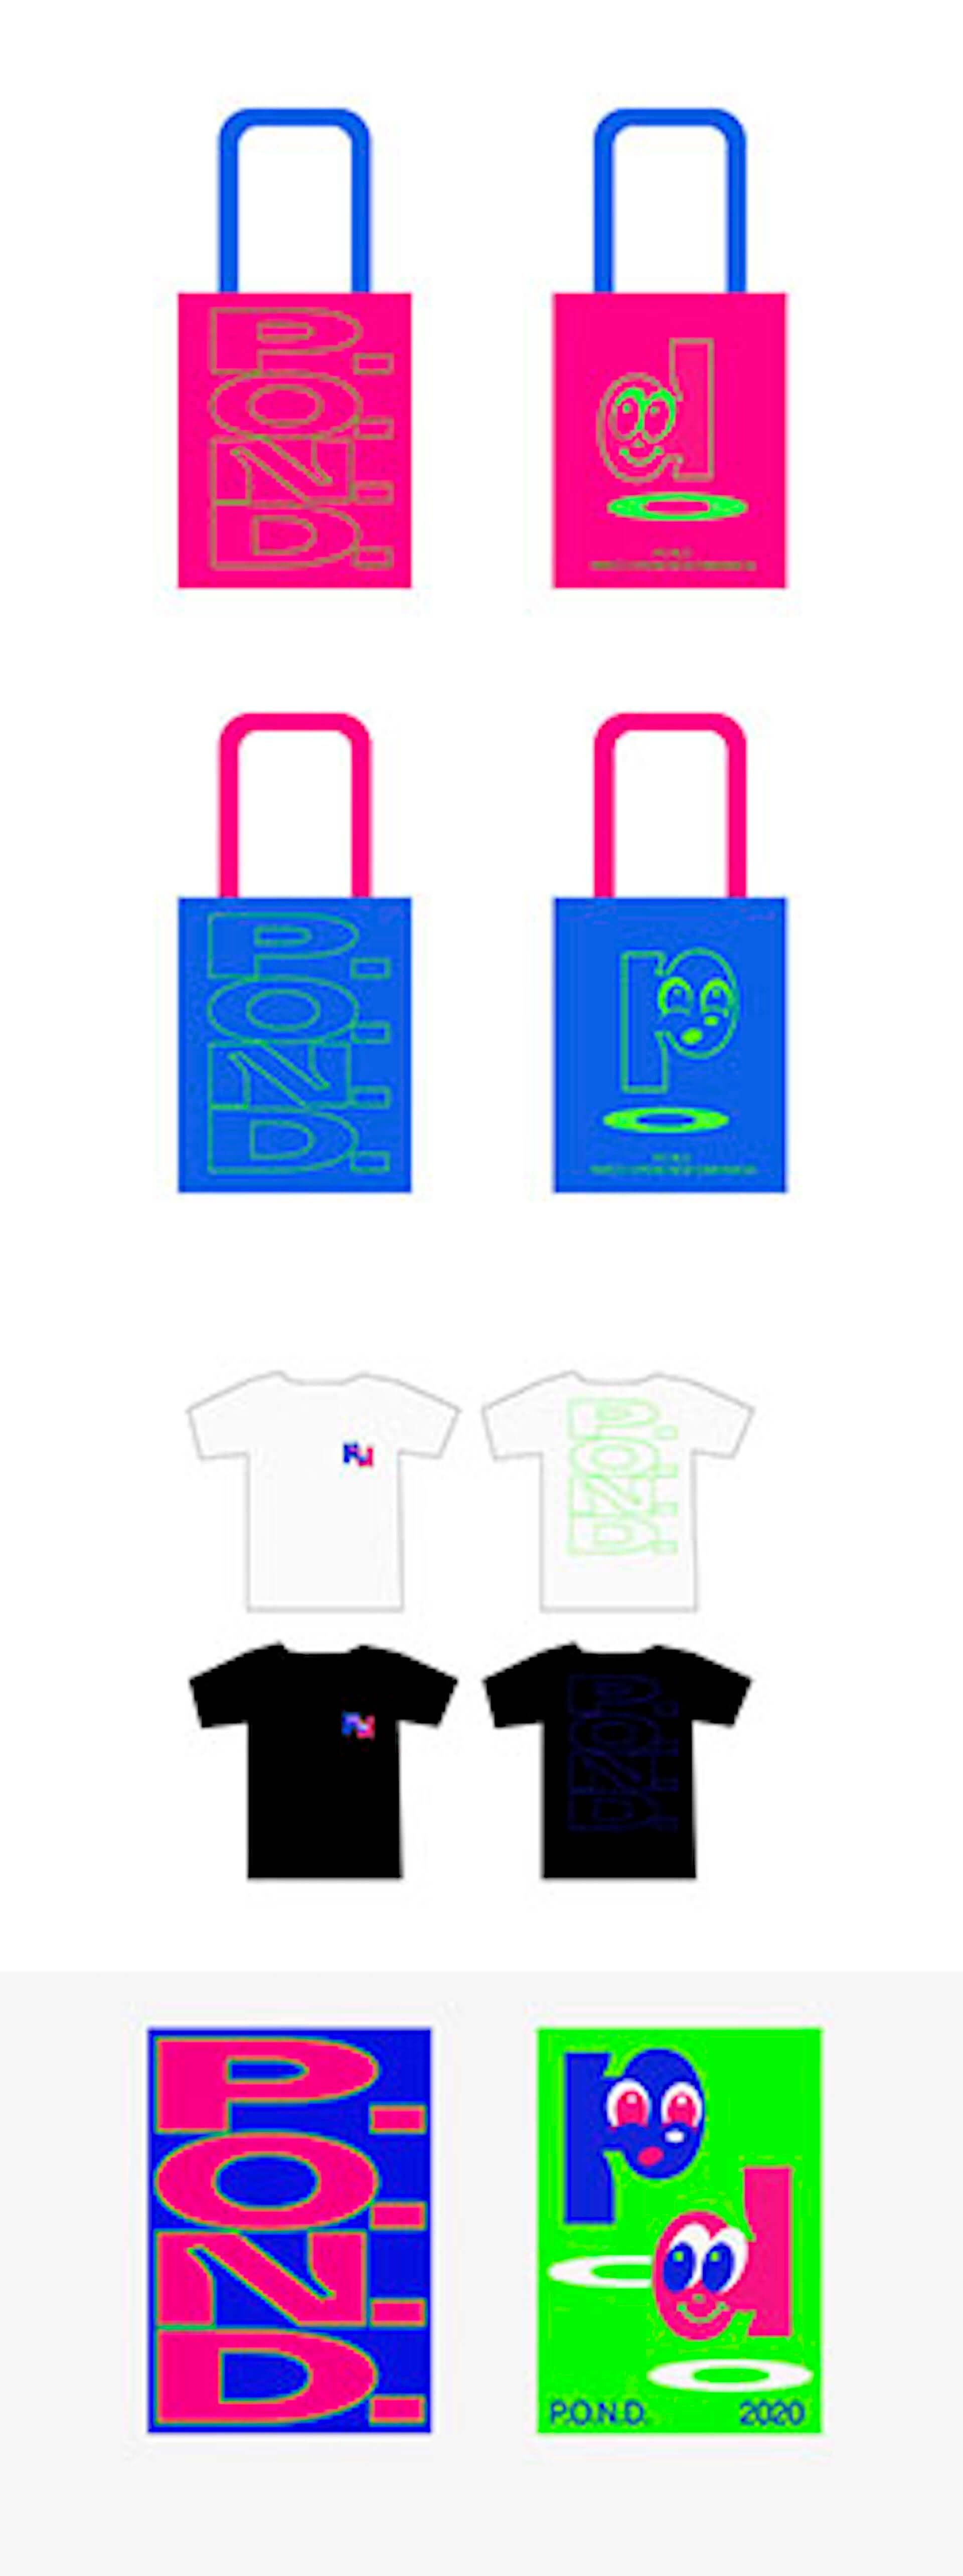 渋谷PARCOを舞台にしたカルチャーフェス<P.O.N.D.>の追加コンテンツが続々決定!betcover!!、illiomoteら出演のオープニングパーティーも開催 art201008_parco-pond_10-1920x5138